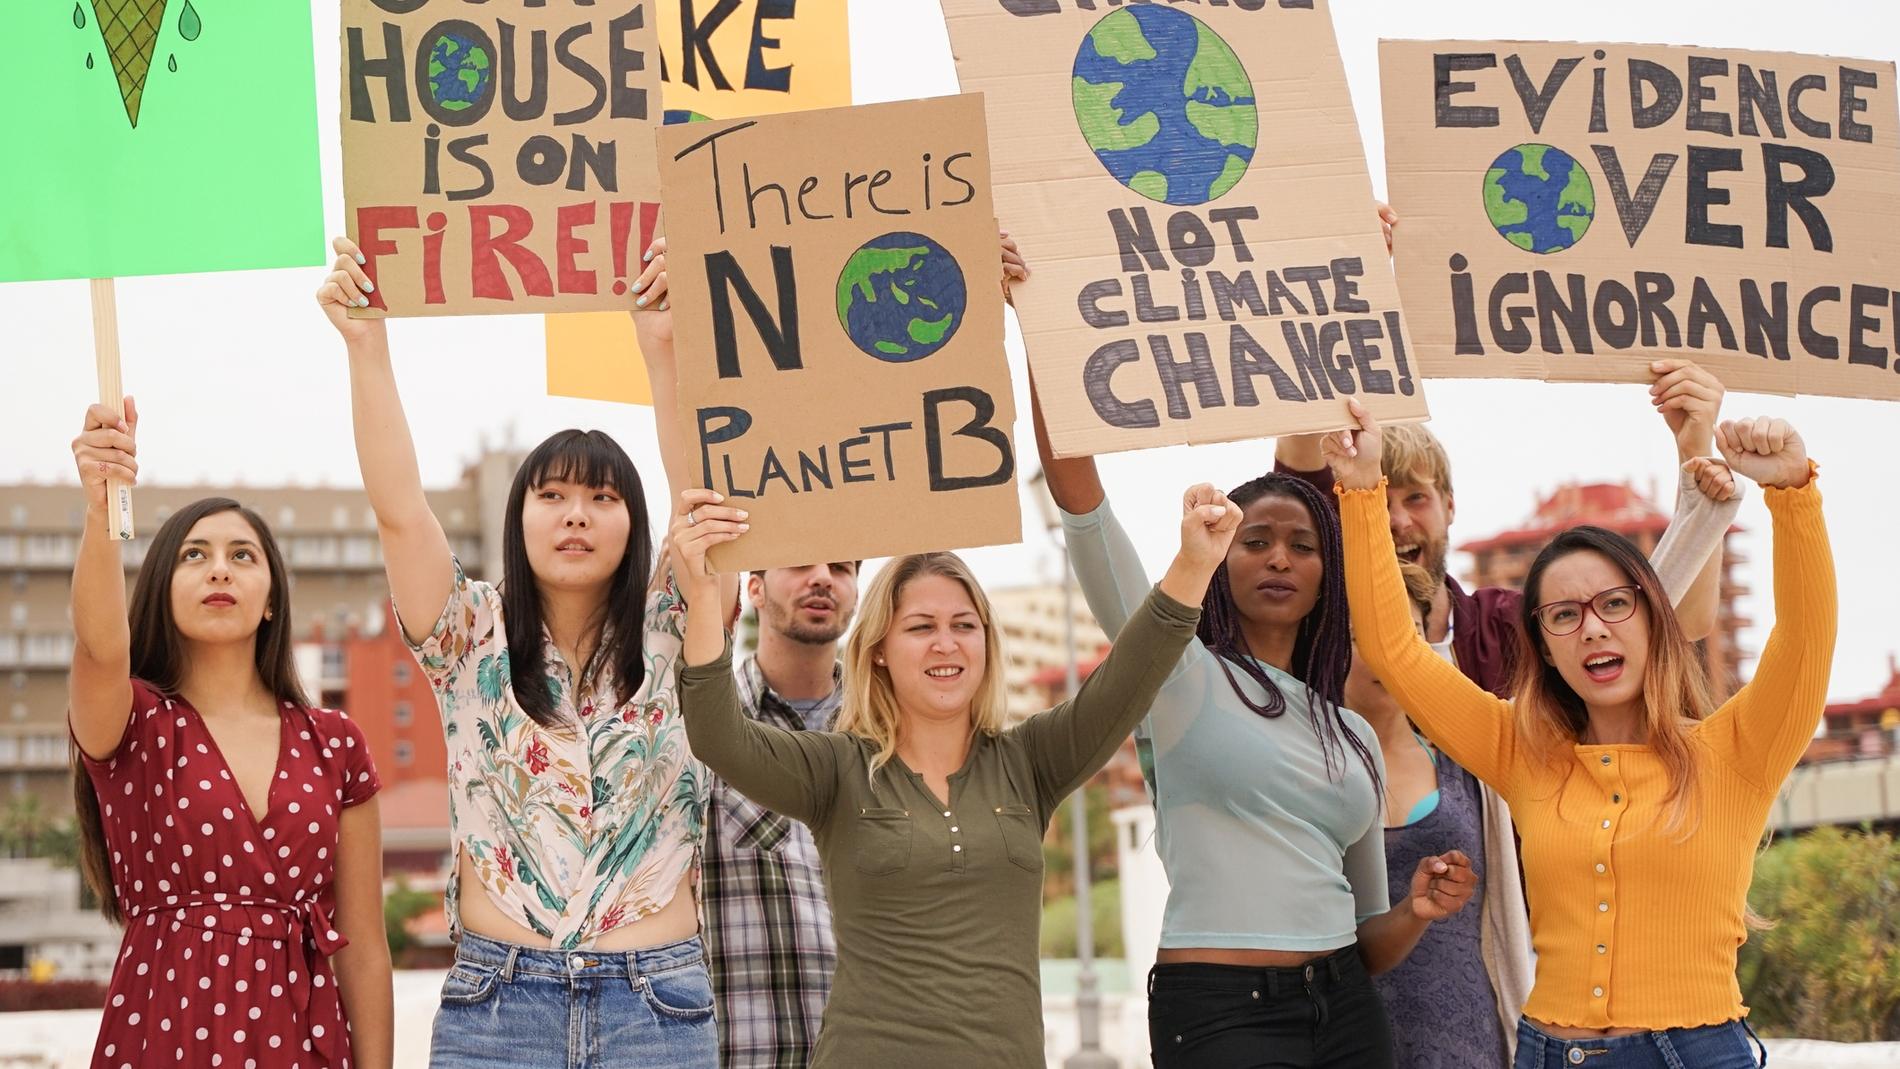 Una pequeña manifestación sobre el cambio climático